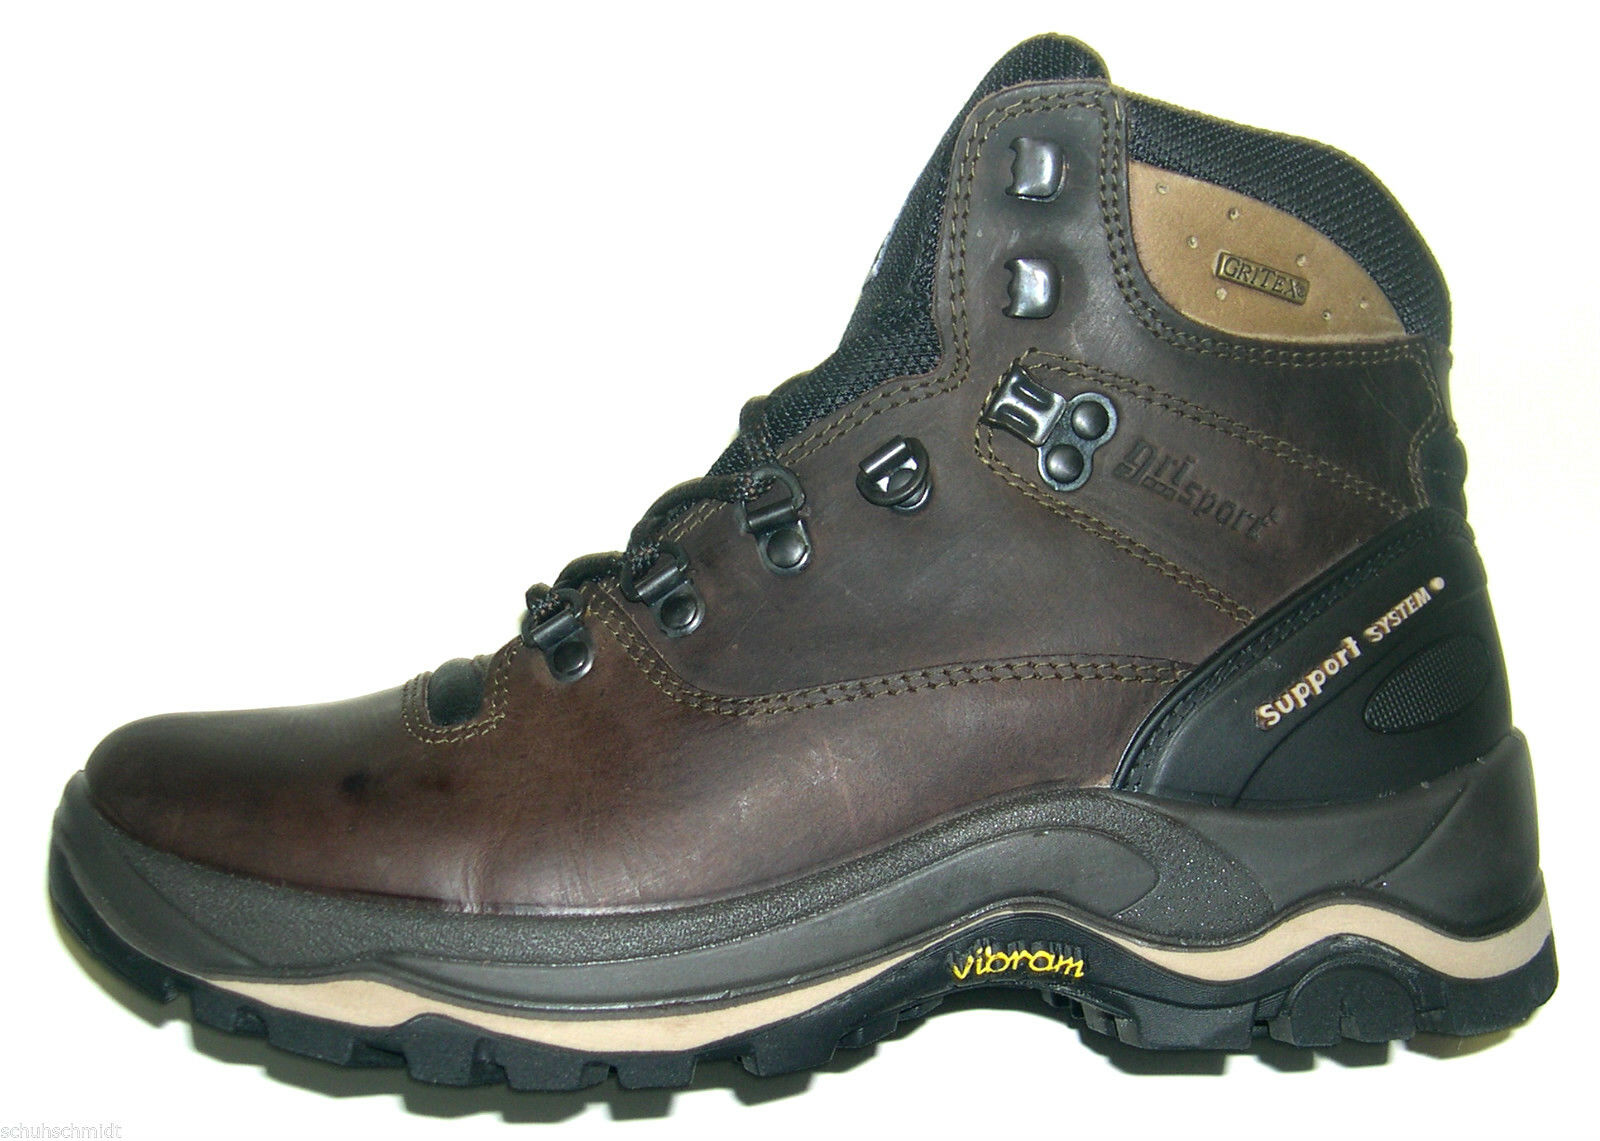 GriSport Herren Schuhe Dakar Outdoor Wanderschuh Trekking Boot Art 11205 braun